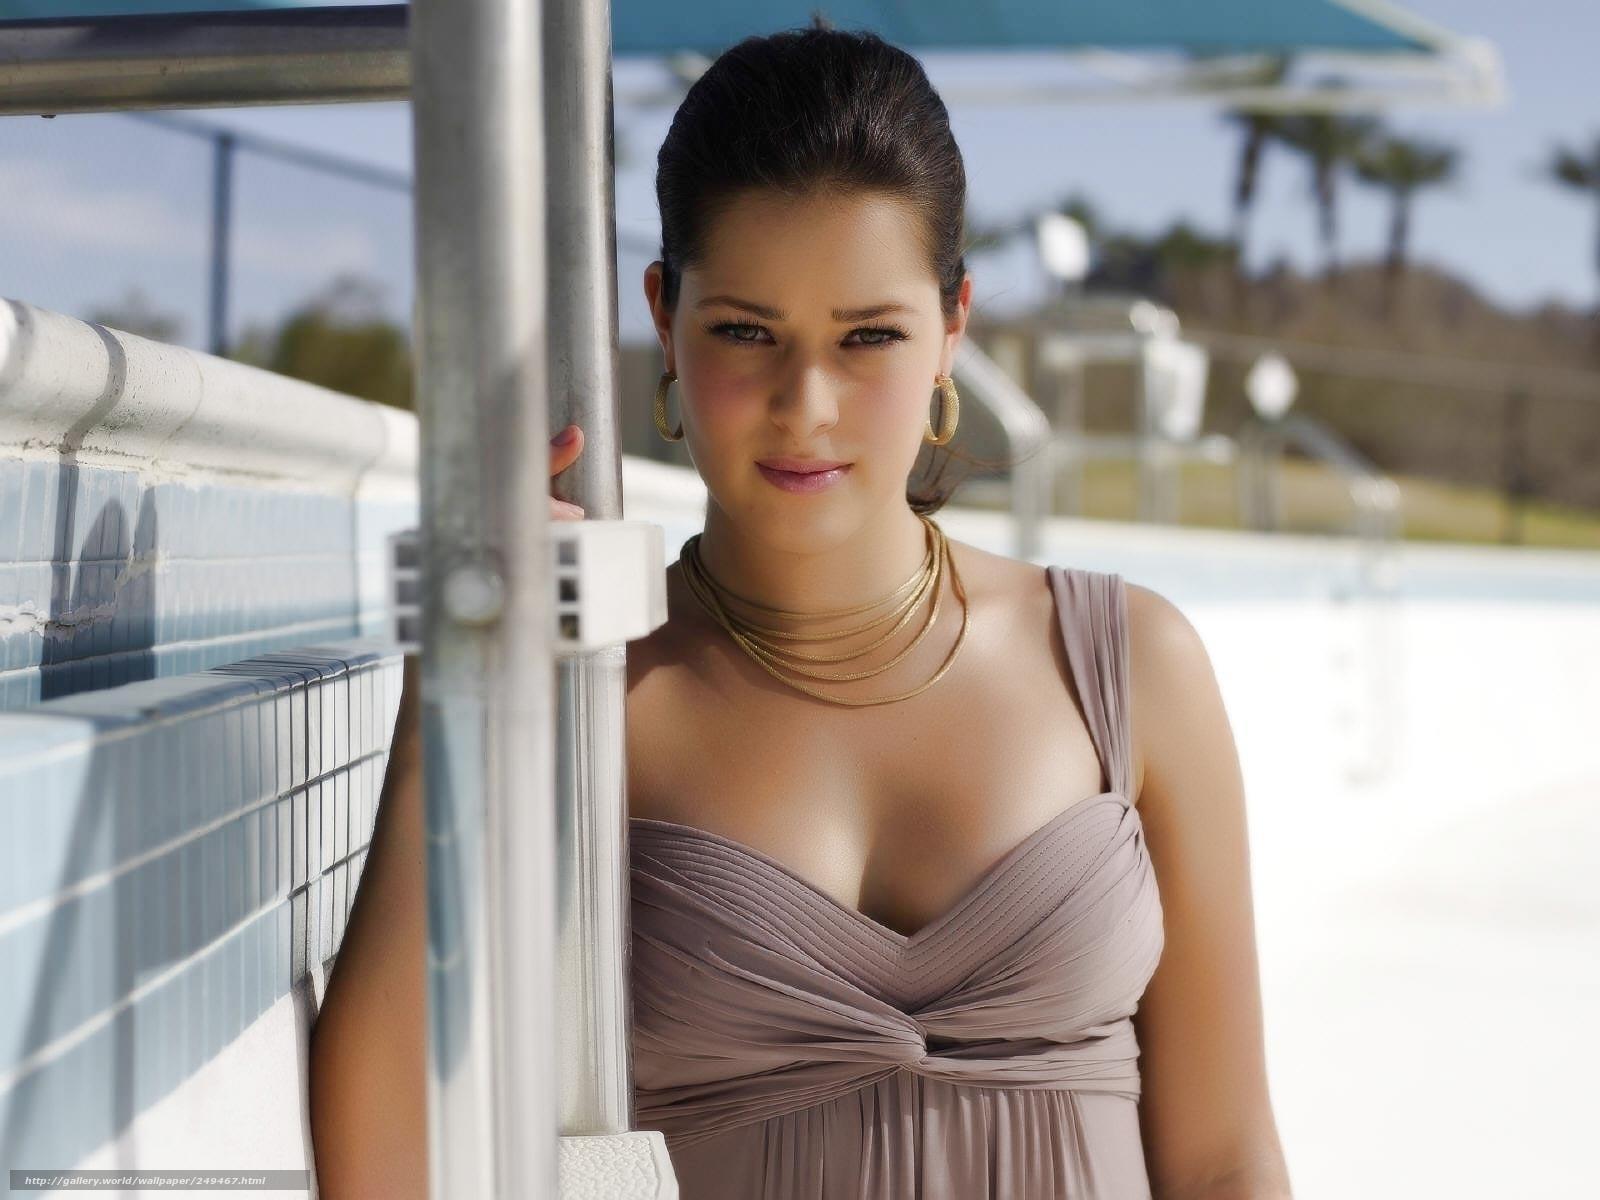 Самые красивые девушки мира по версии интернета 16 фотография